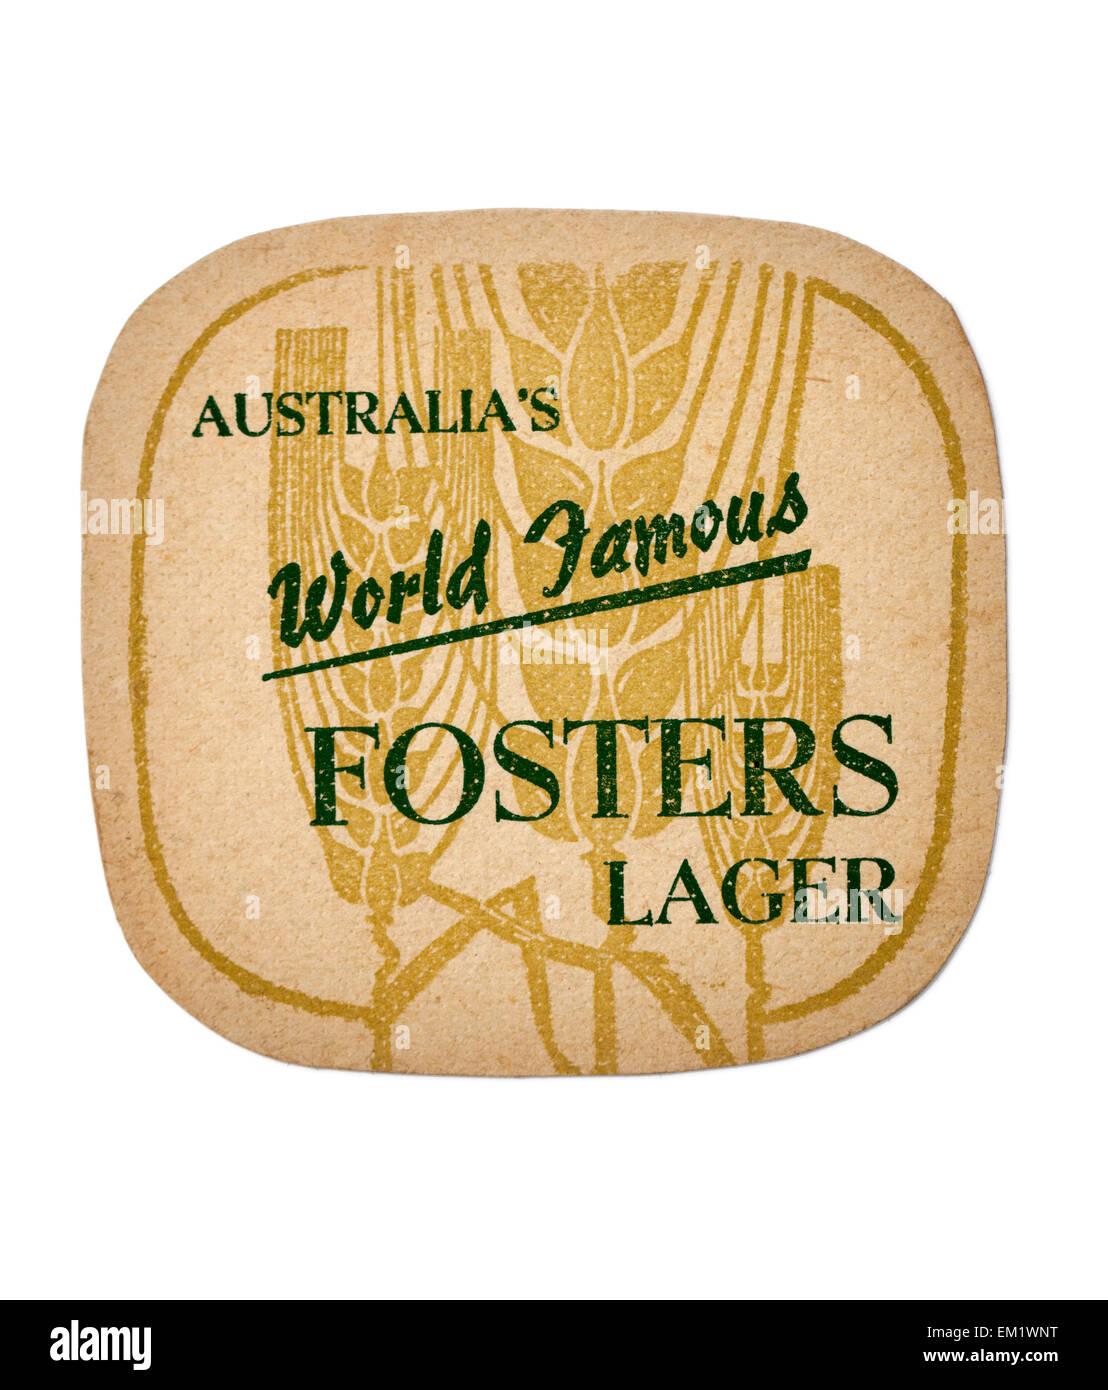 Vintage Beermat advertising Australian Fosters Lager Beer - Stock Image